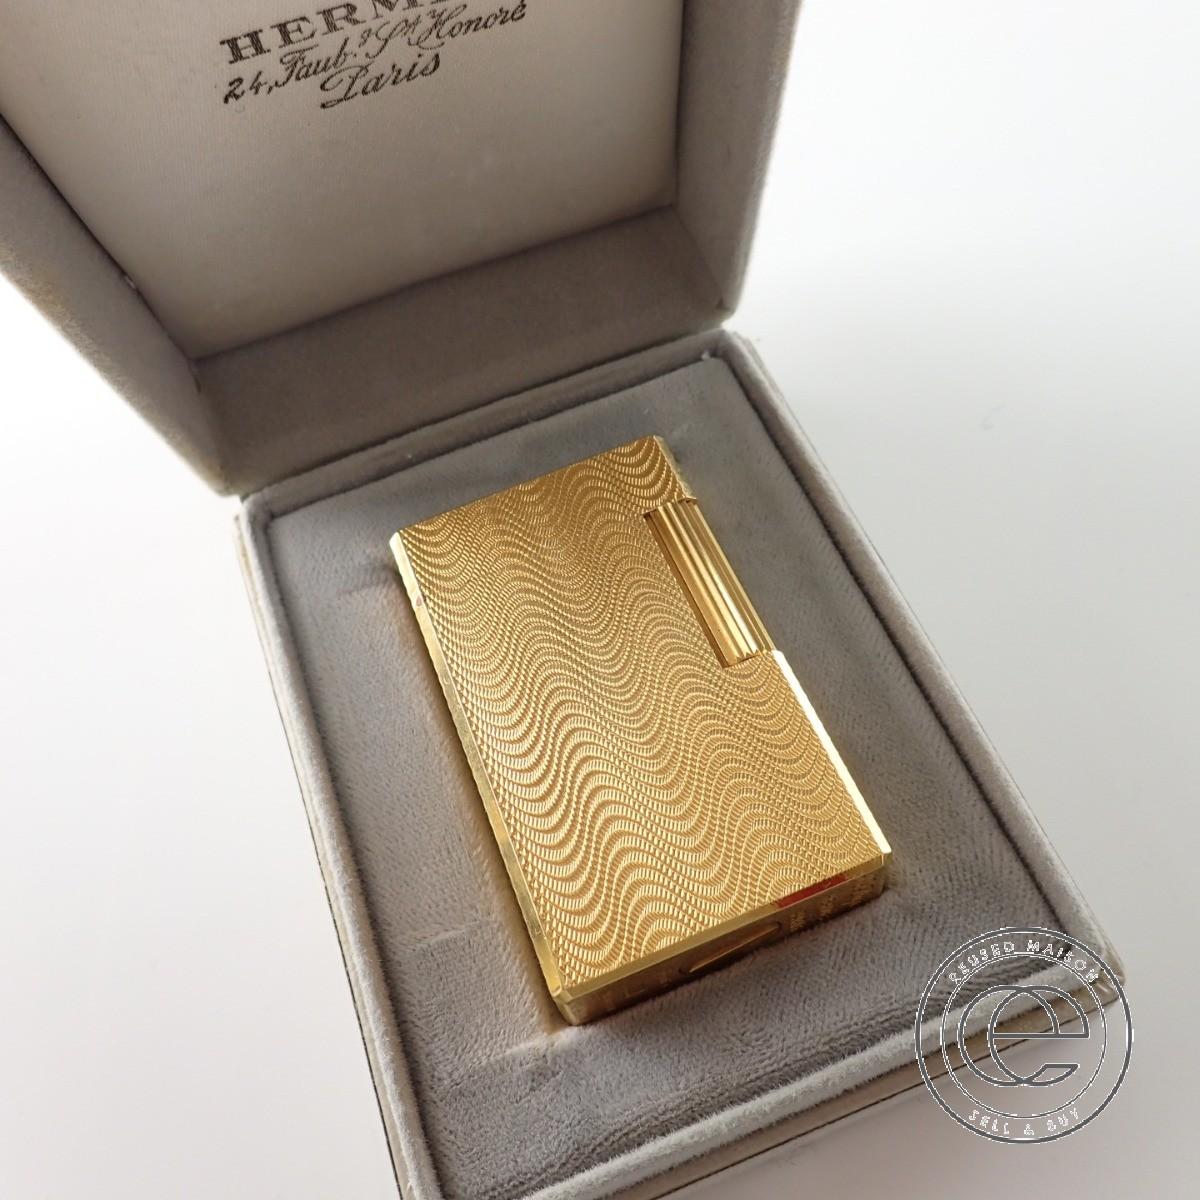 Dupont デュポン Hermesエルメス ダブルネーム ゴールド 波柄 ガス ライター ゴールド 【中古】